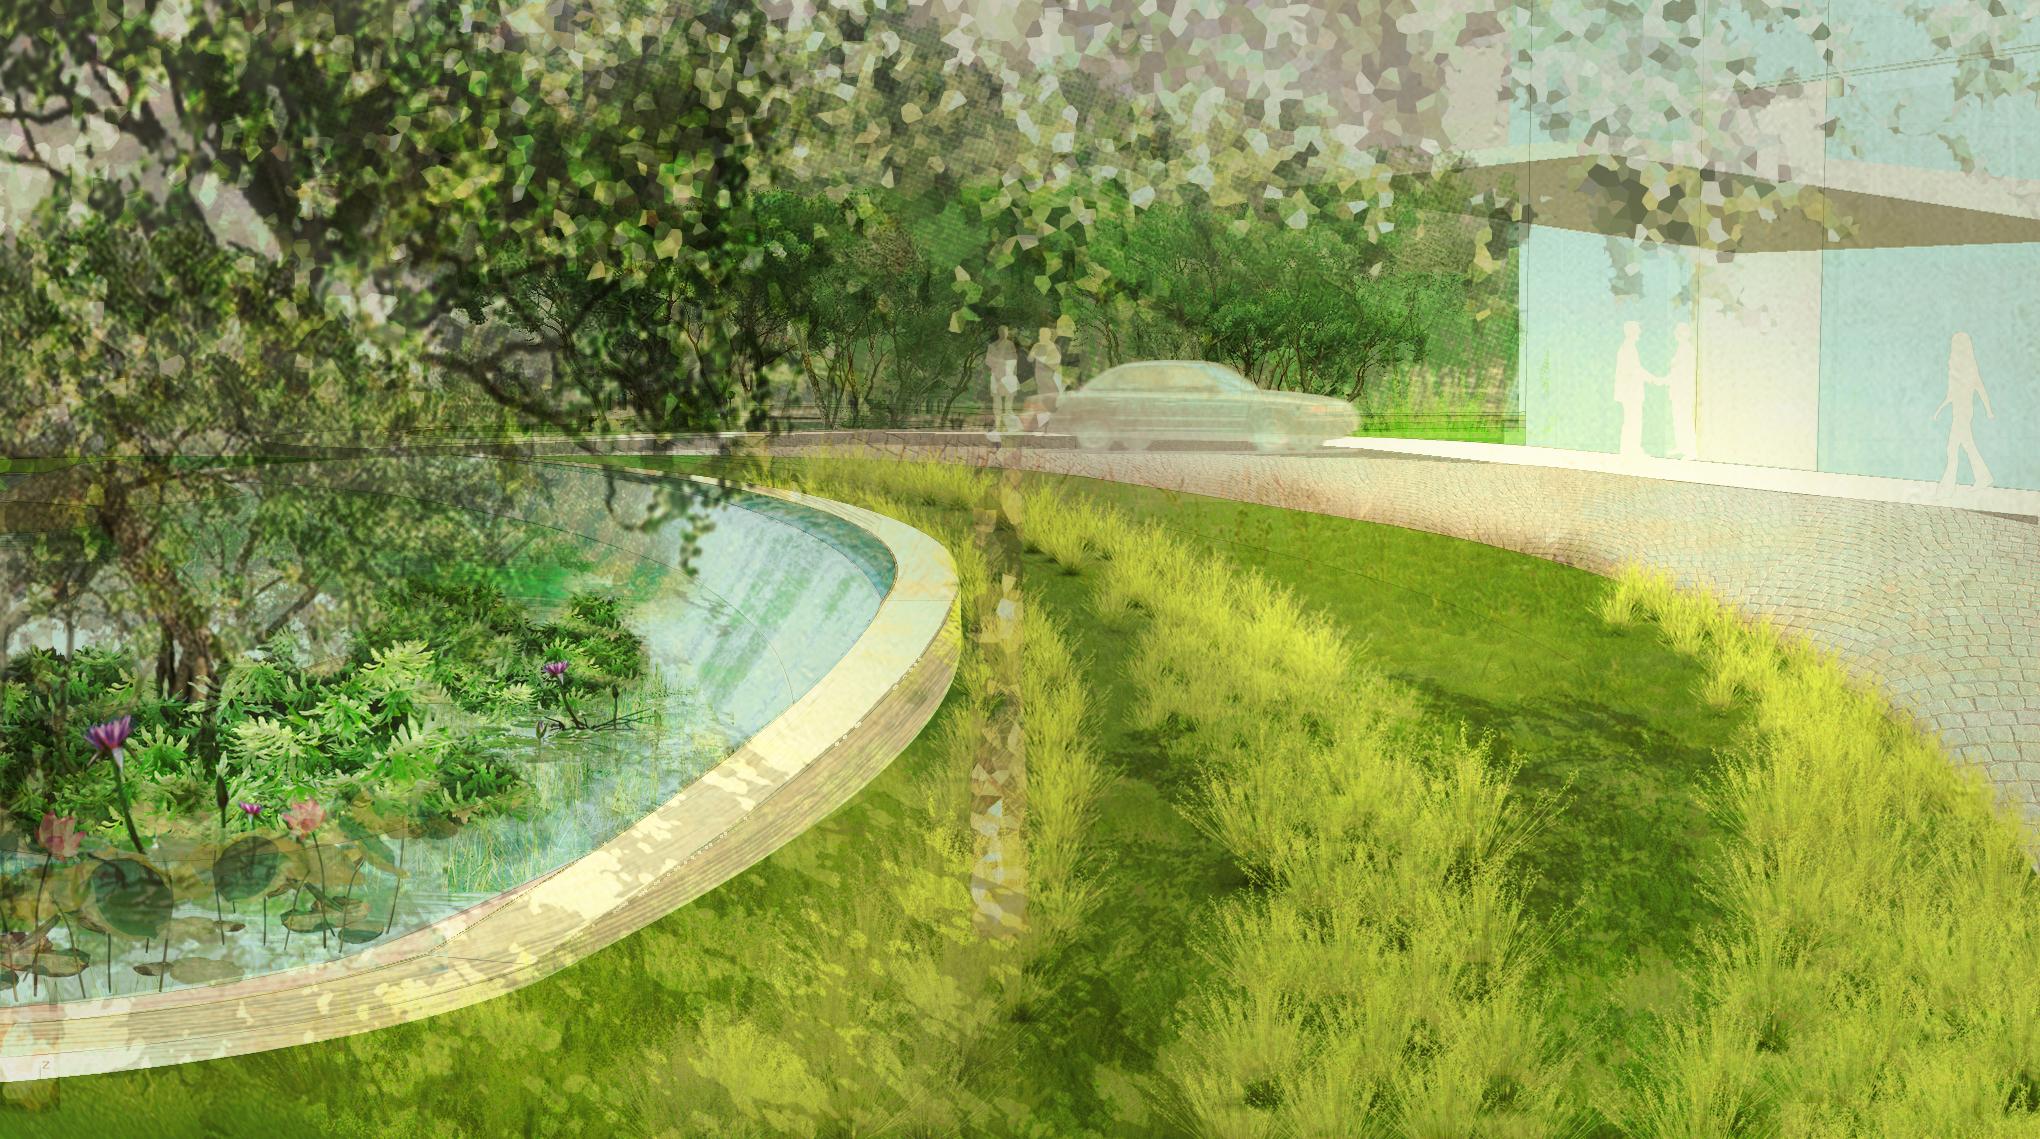 BA_godrej_Godrej One_entry fountain.jpg